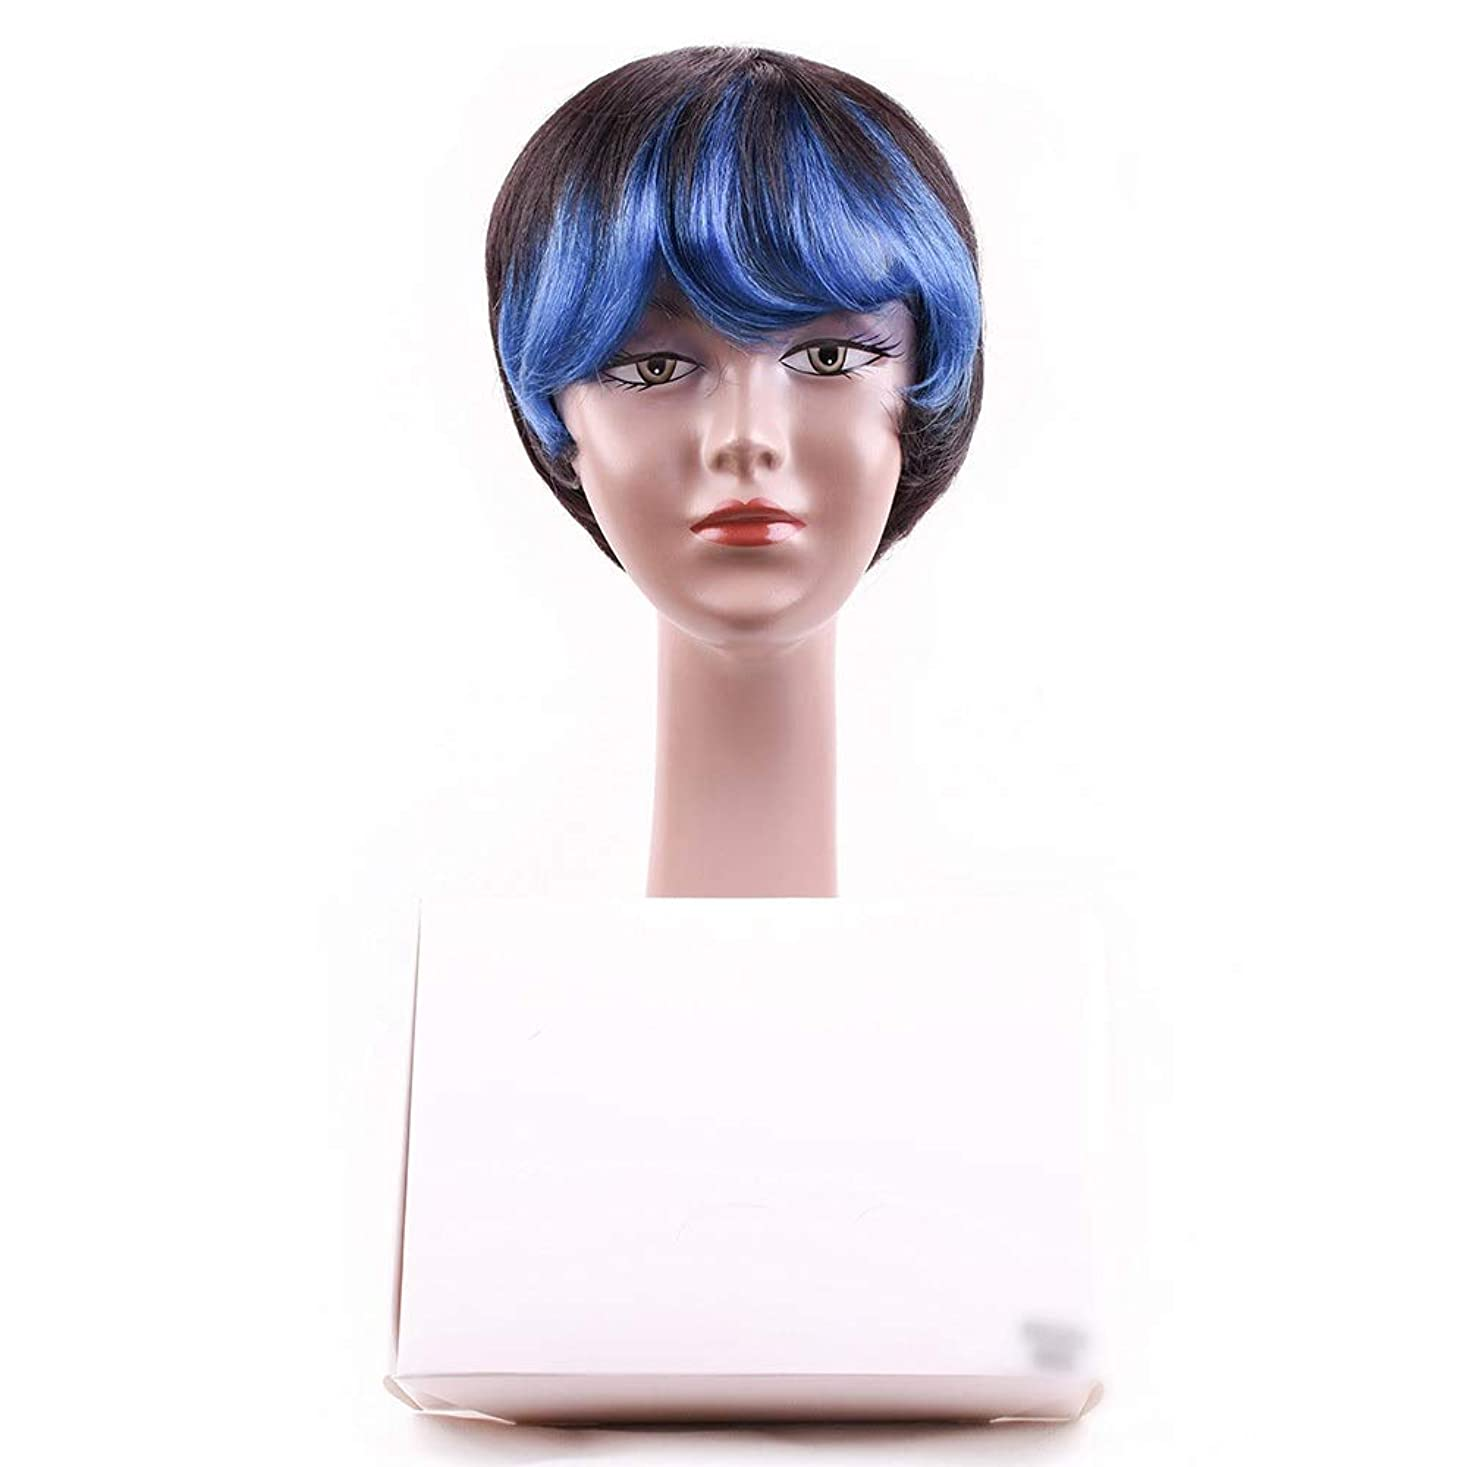 同様のバーベキュー対Mayalina 女性の人間の髪の毛ショートボブかつら前髪付きかつらコスプレパーティーかつらロールプレイングかつら女性用かつら (色 : 青)